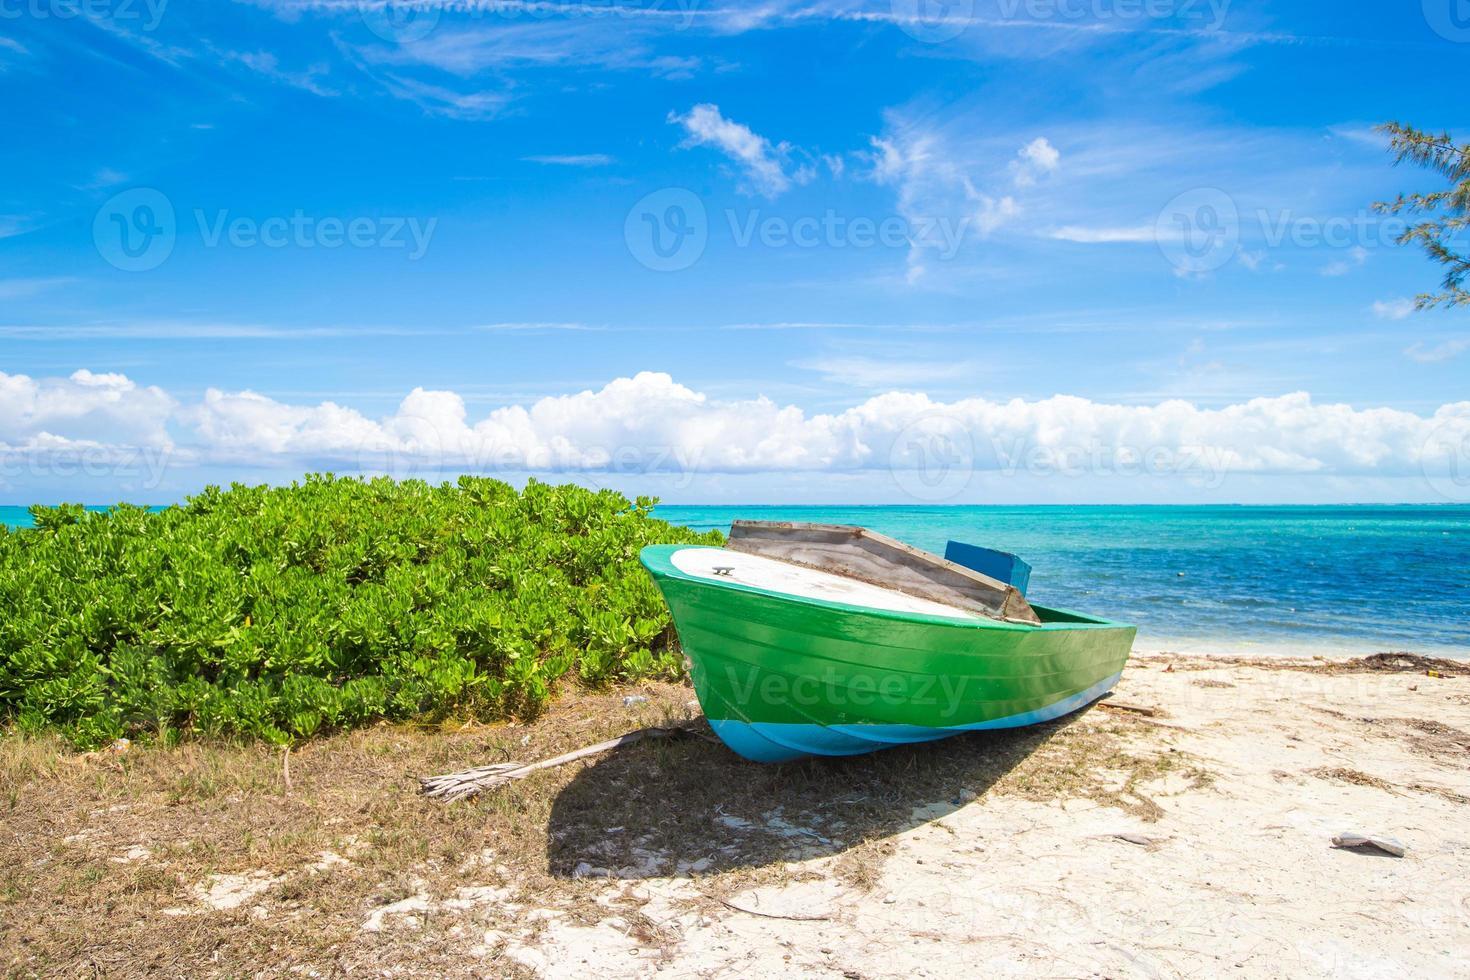 altes Fischerboot an einem tropischen Strand in der Karibik foto